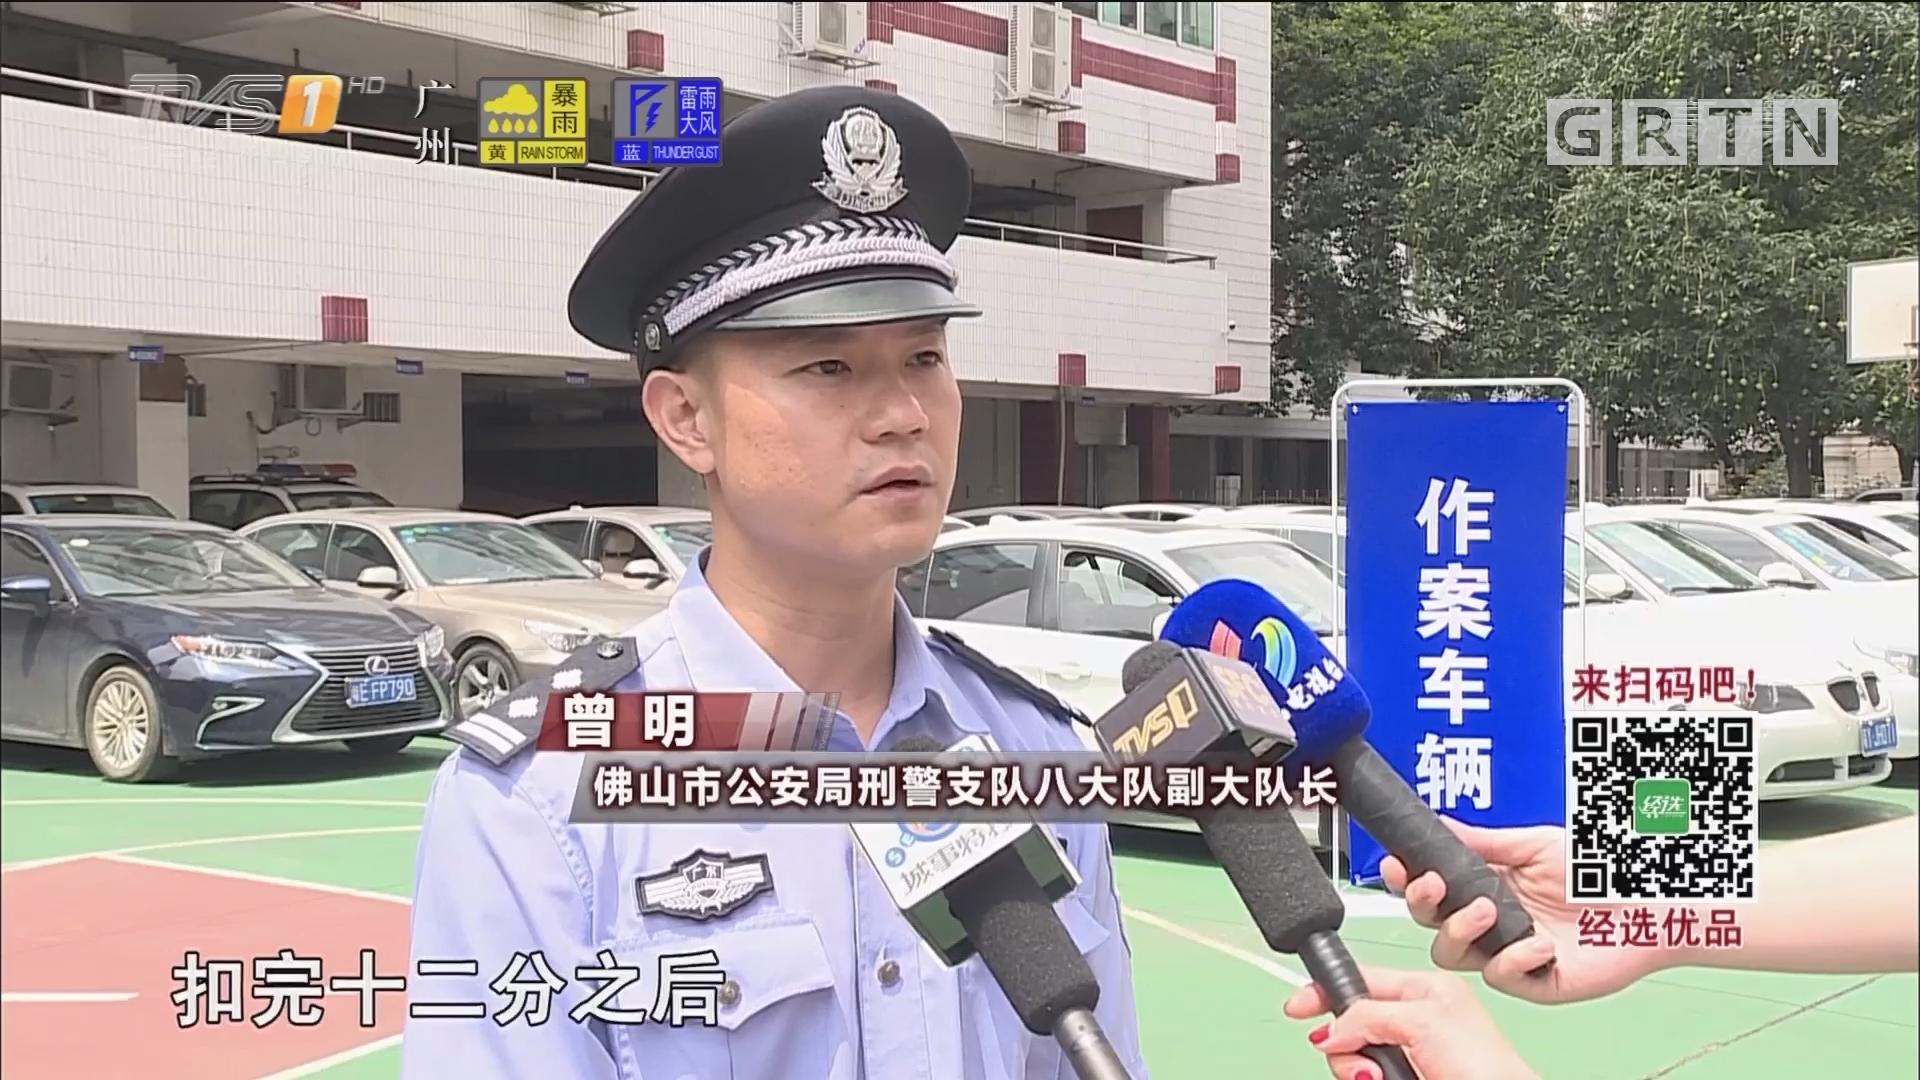 佛山:碰瓷团伙开豪车作案 违规上路司机成目标